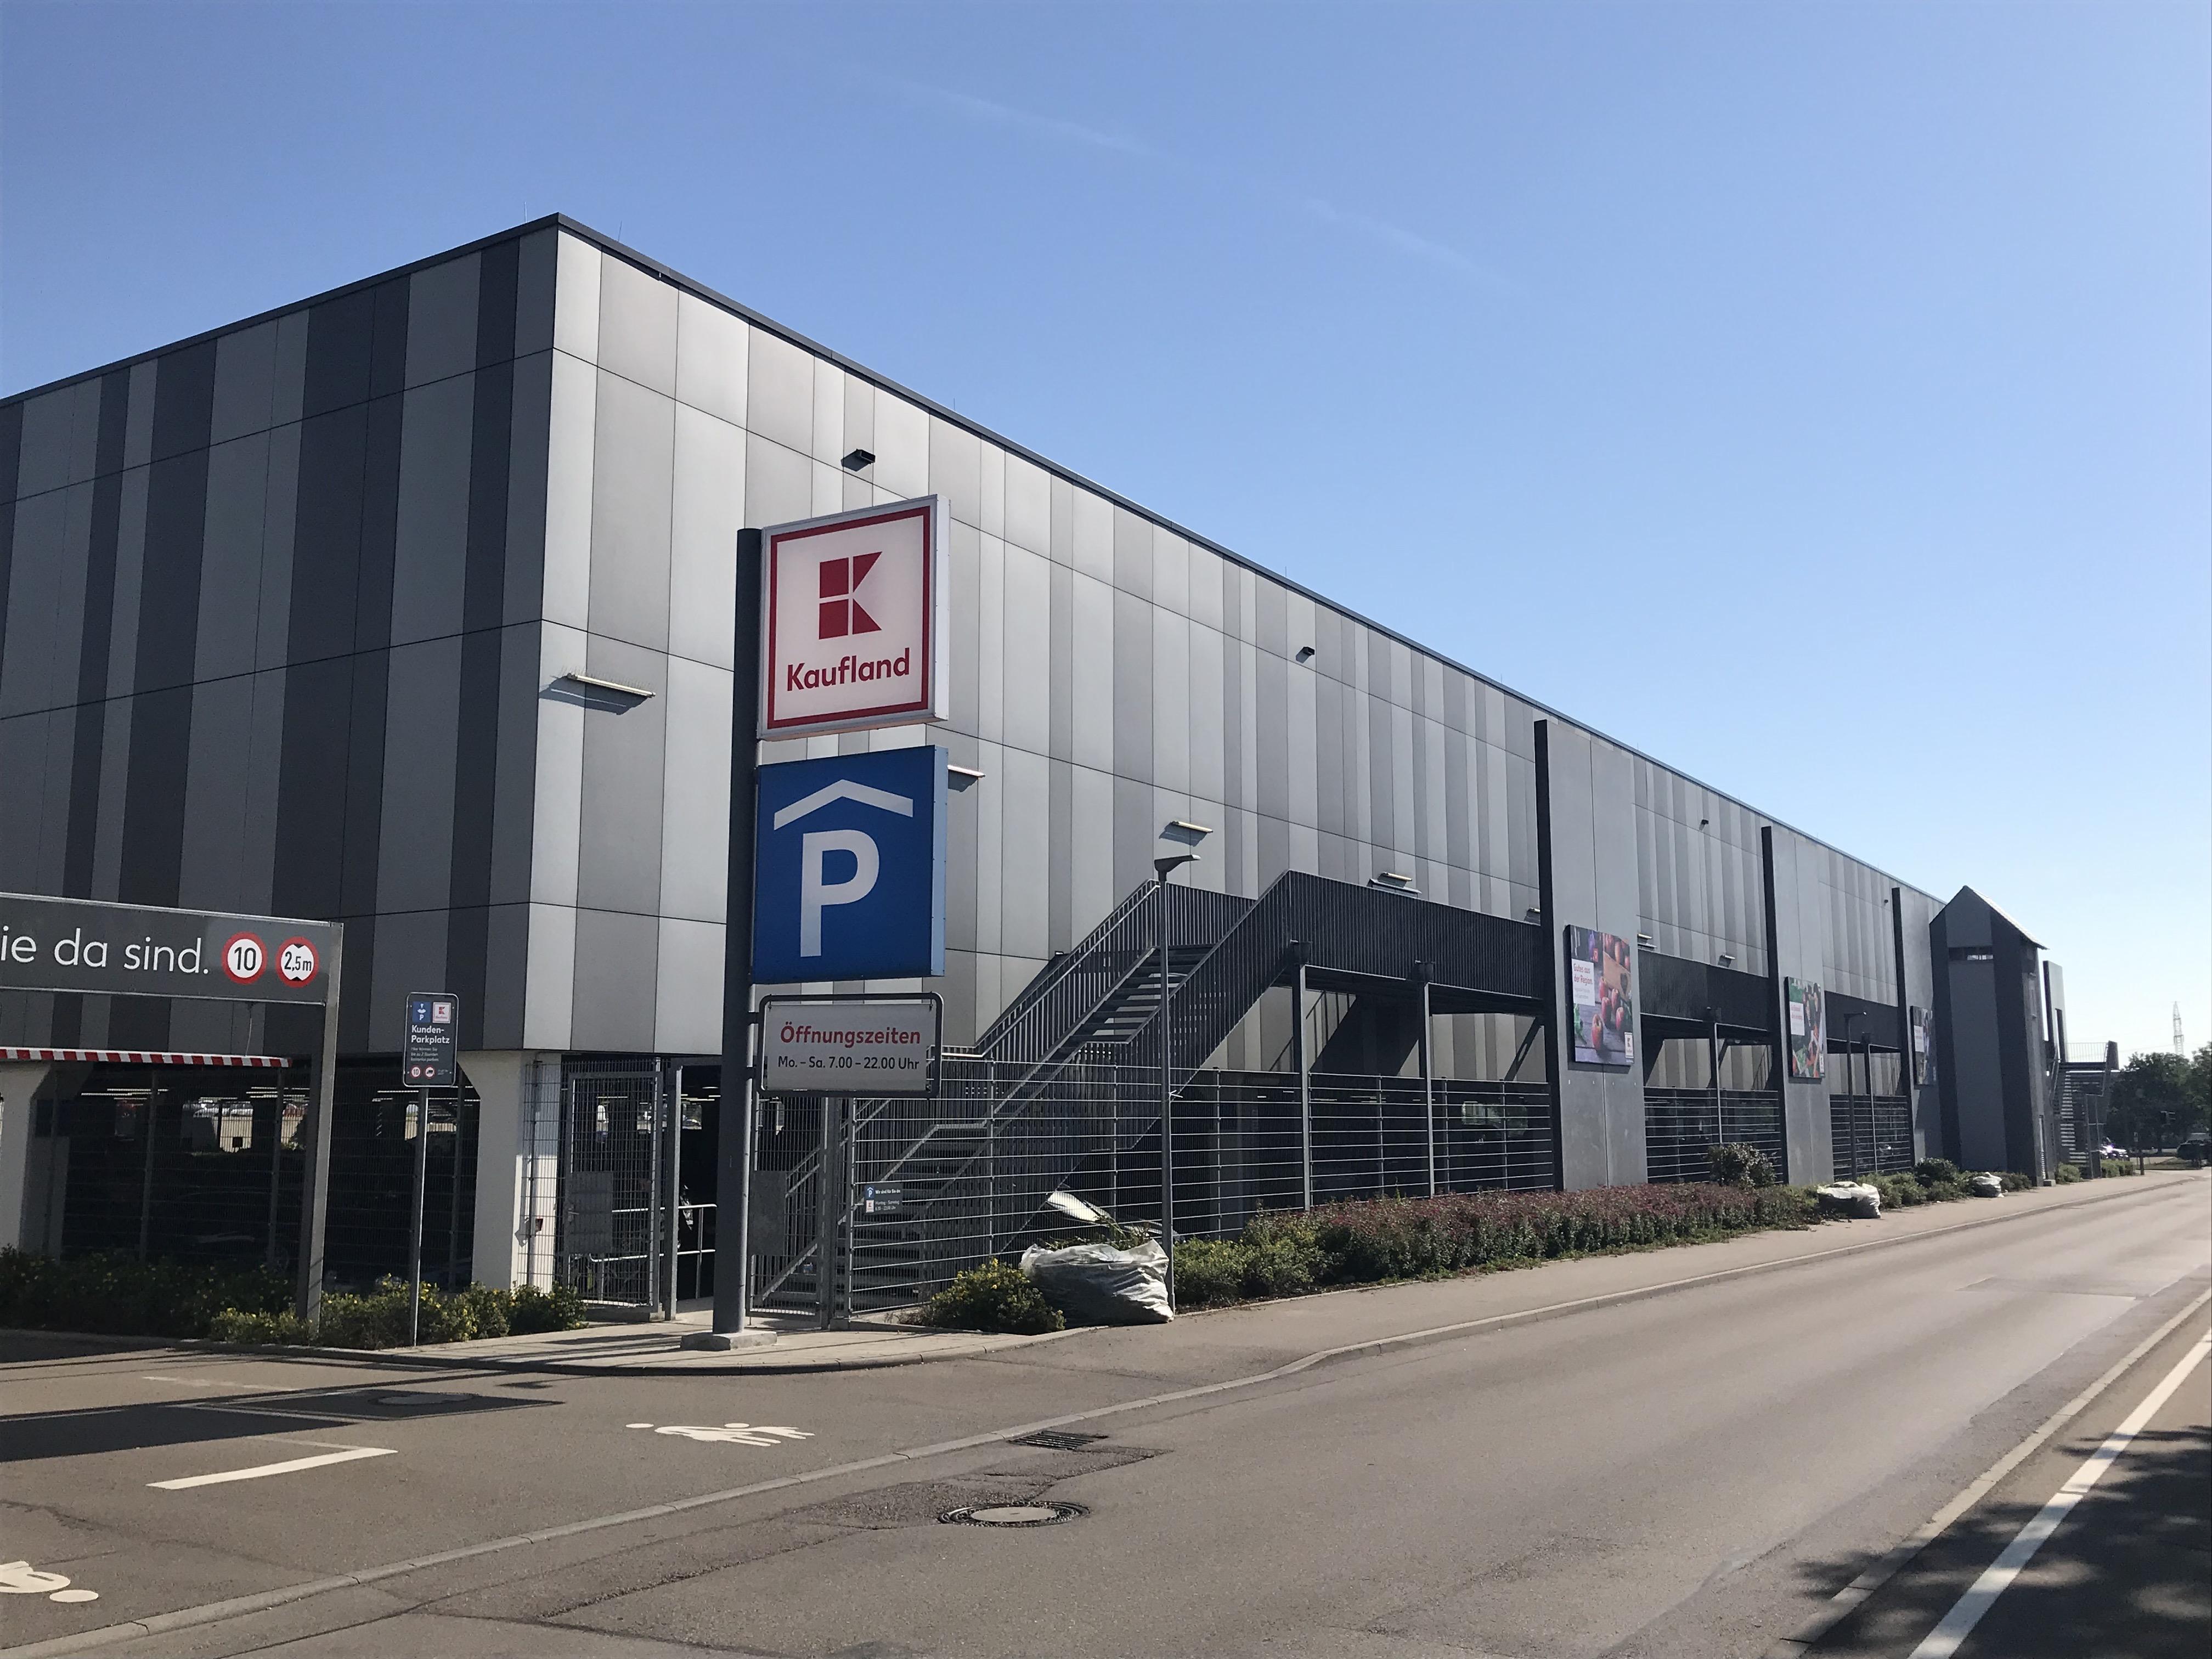 Kaufland Schwäbisch Hall Beweissicherung Gebäude und Straße